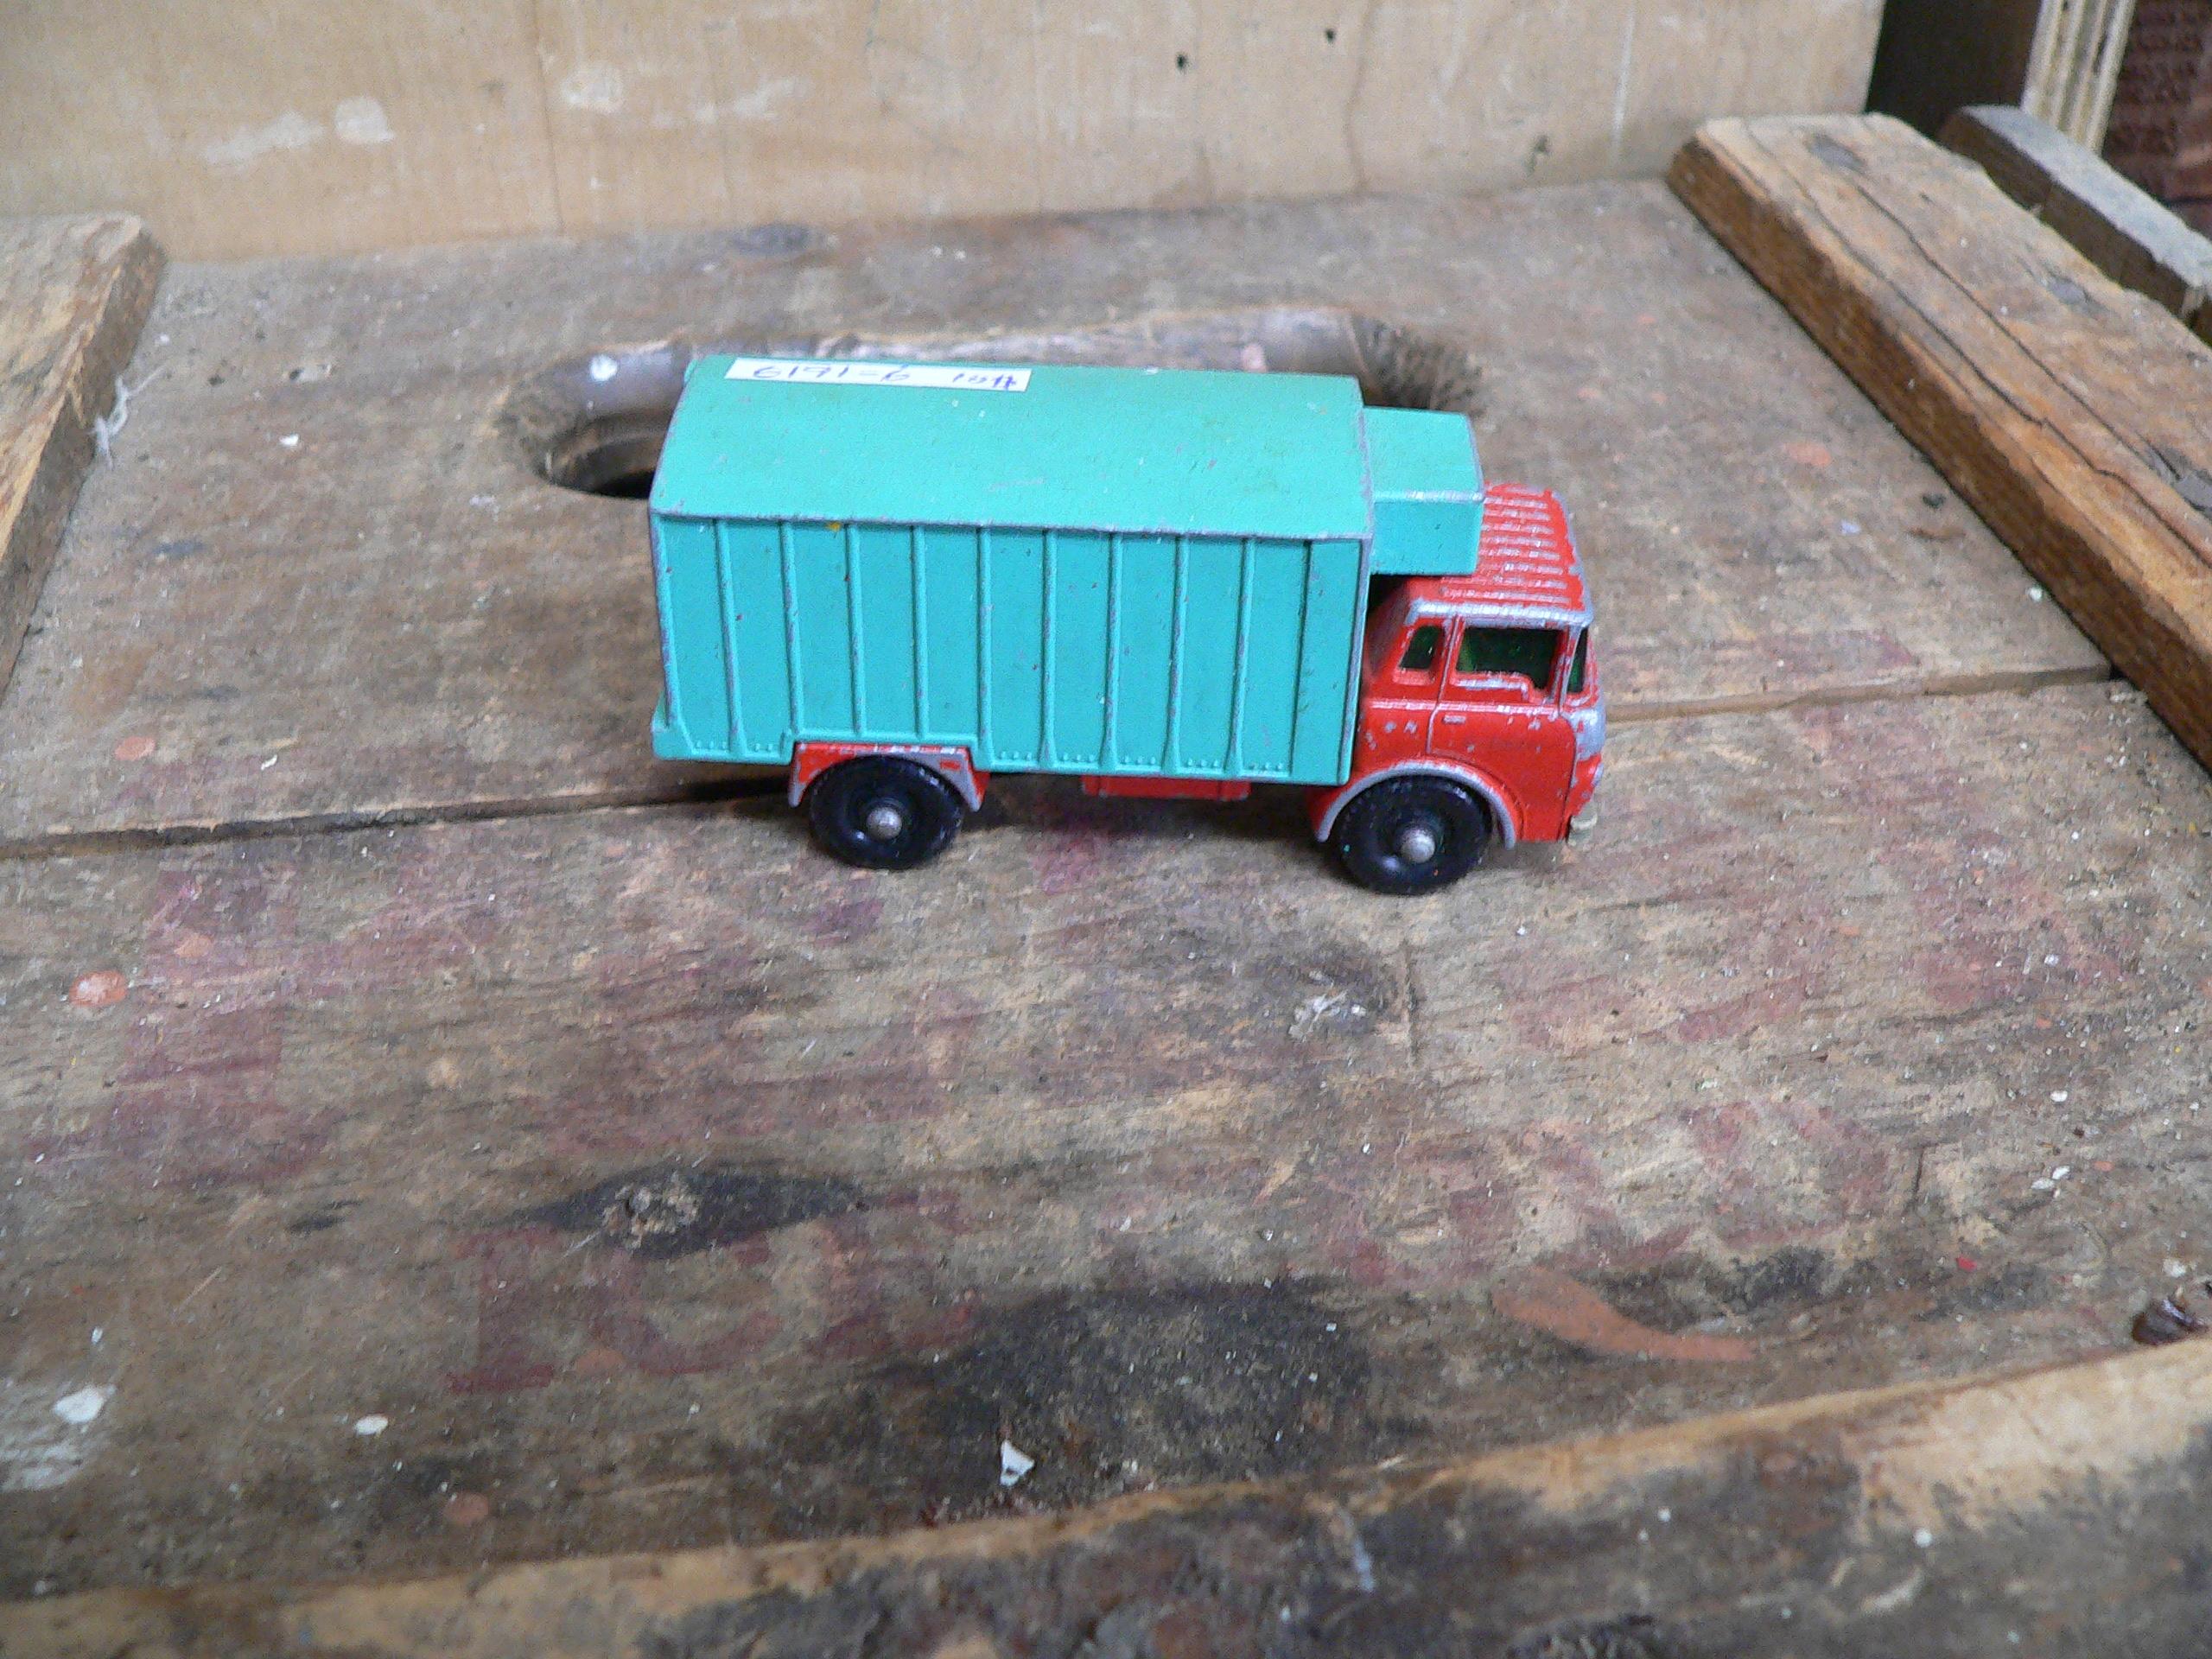 Refrigerator truck # 6191.6